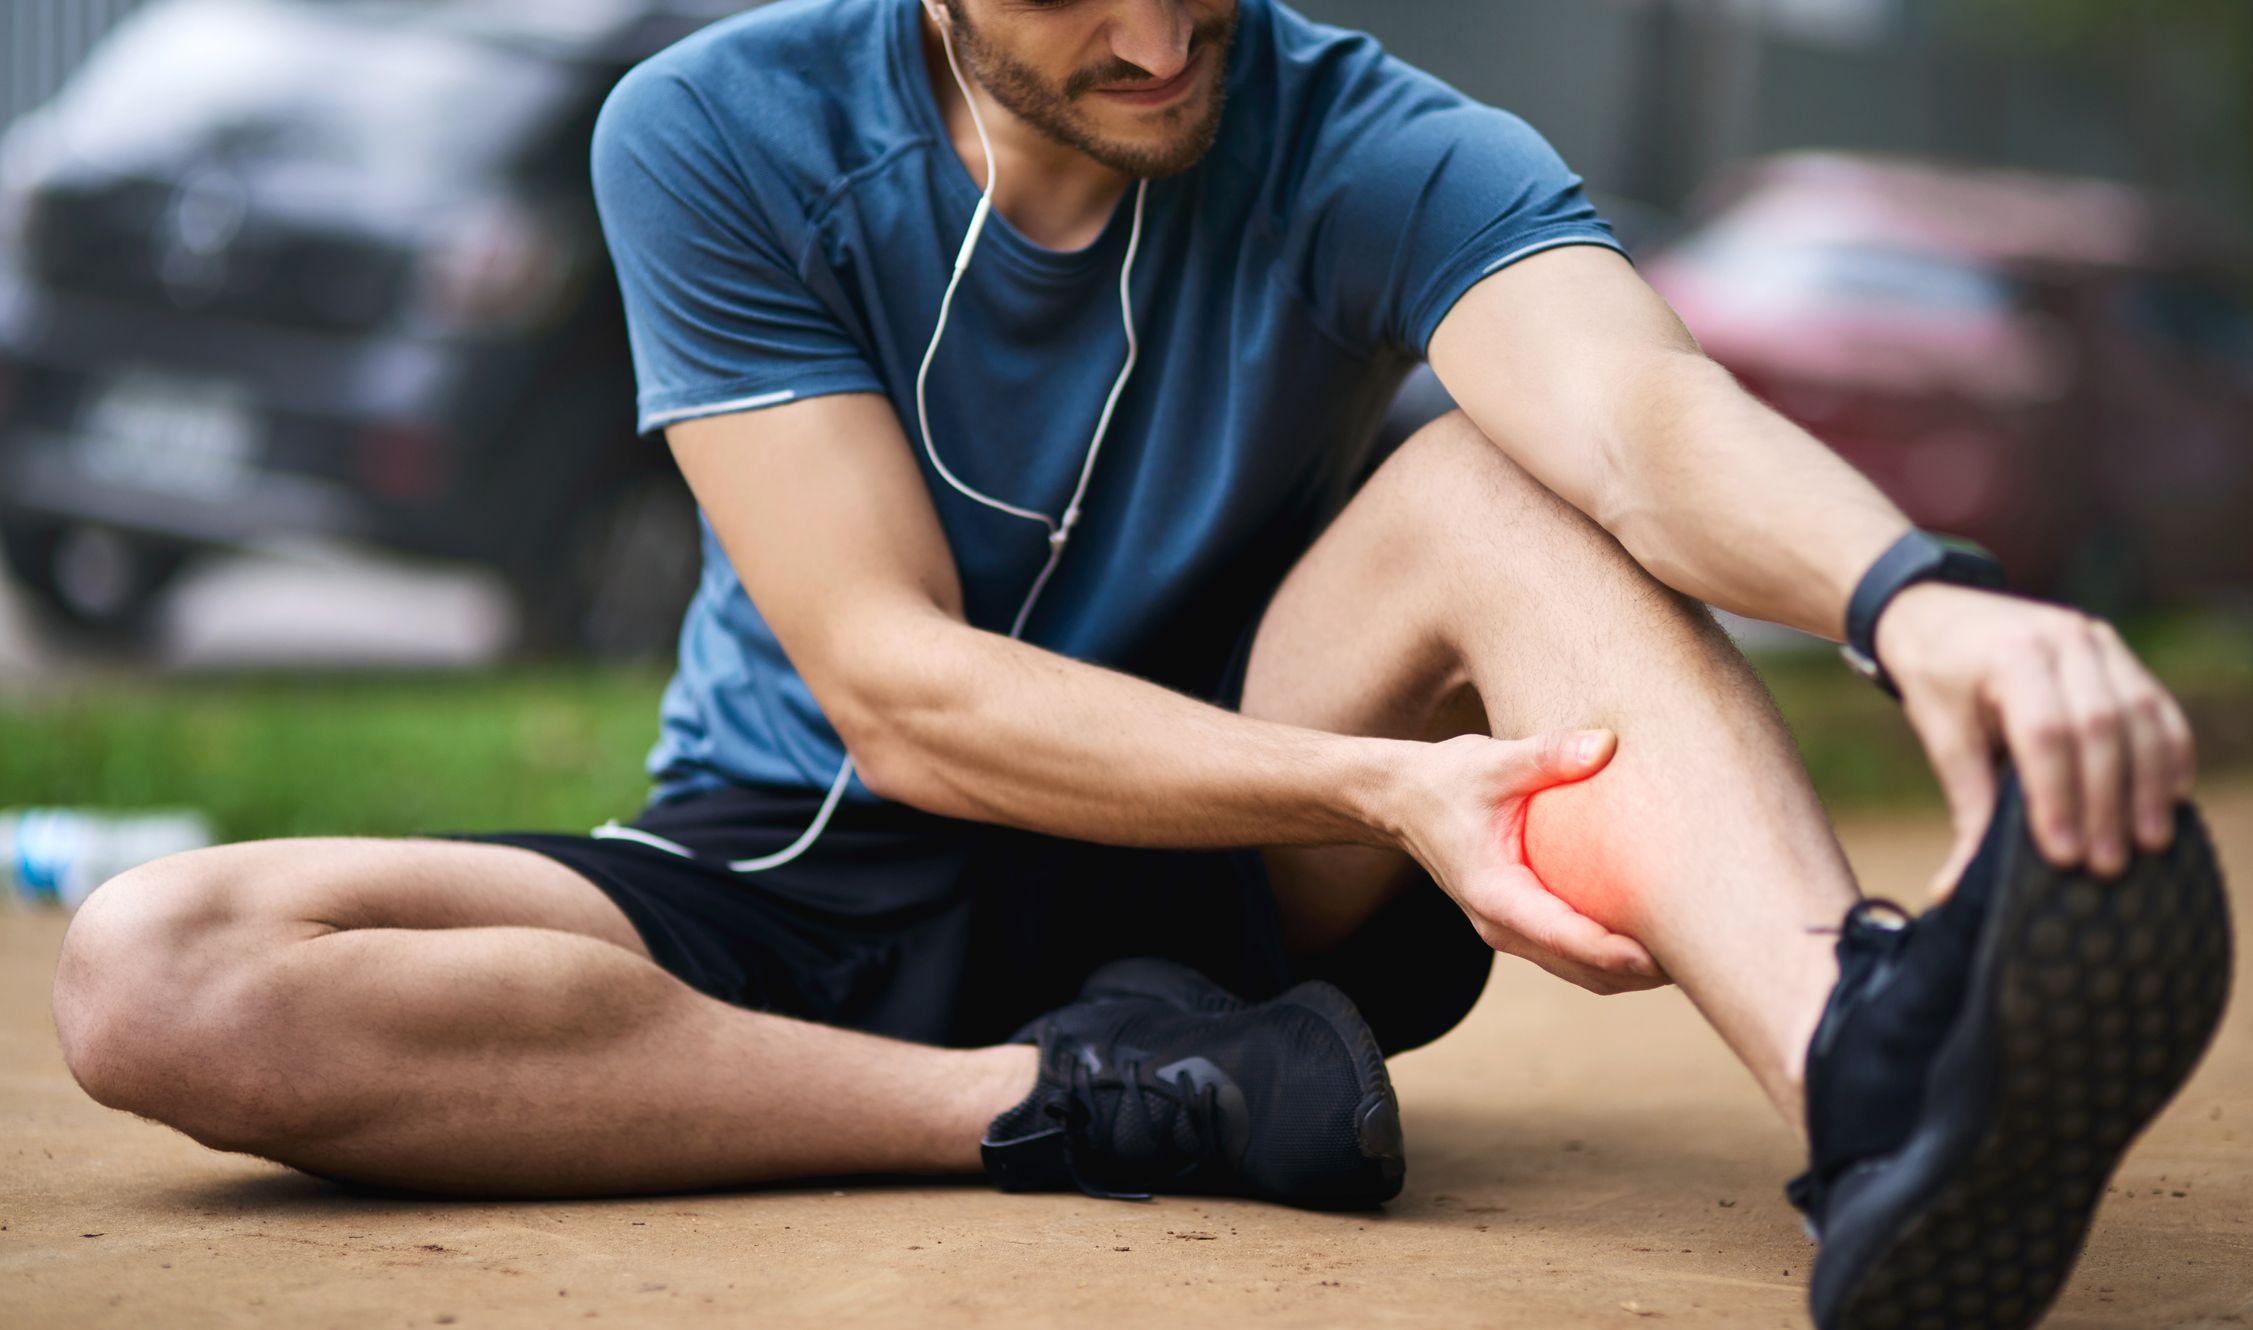 Ritorno allo sport dopo le lesioni del soleo